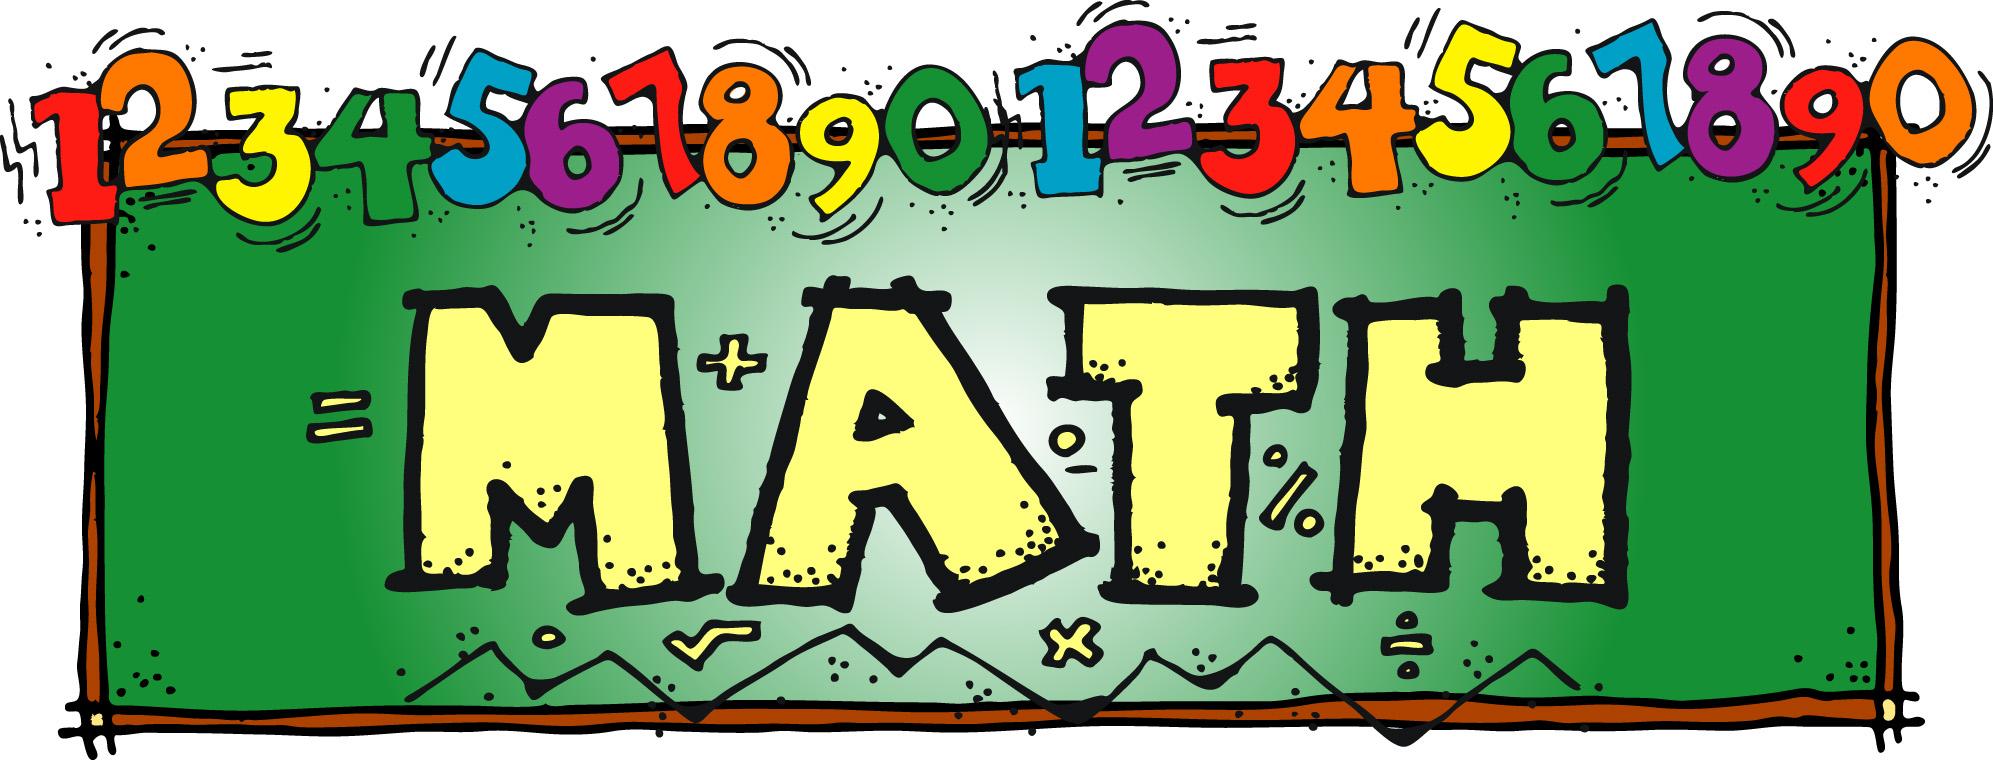 5th Grade Math Clipart.